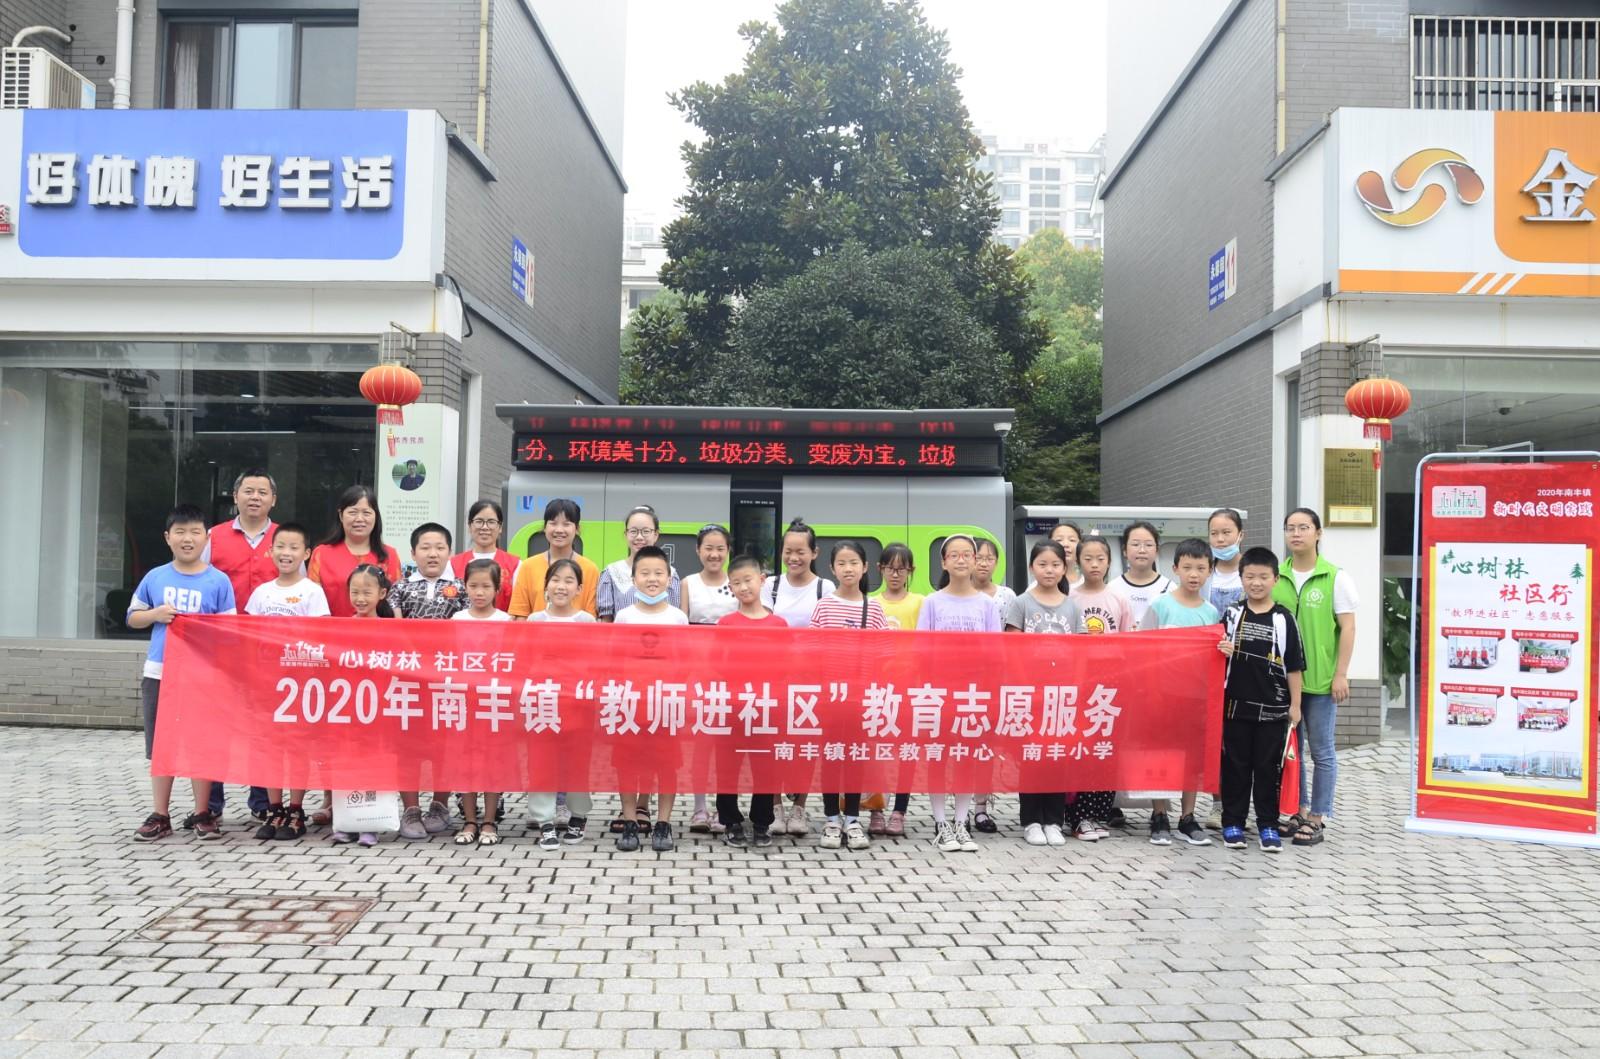 http://www.goschool.org.cn/d/file/13326191.jpg